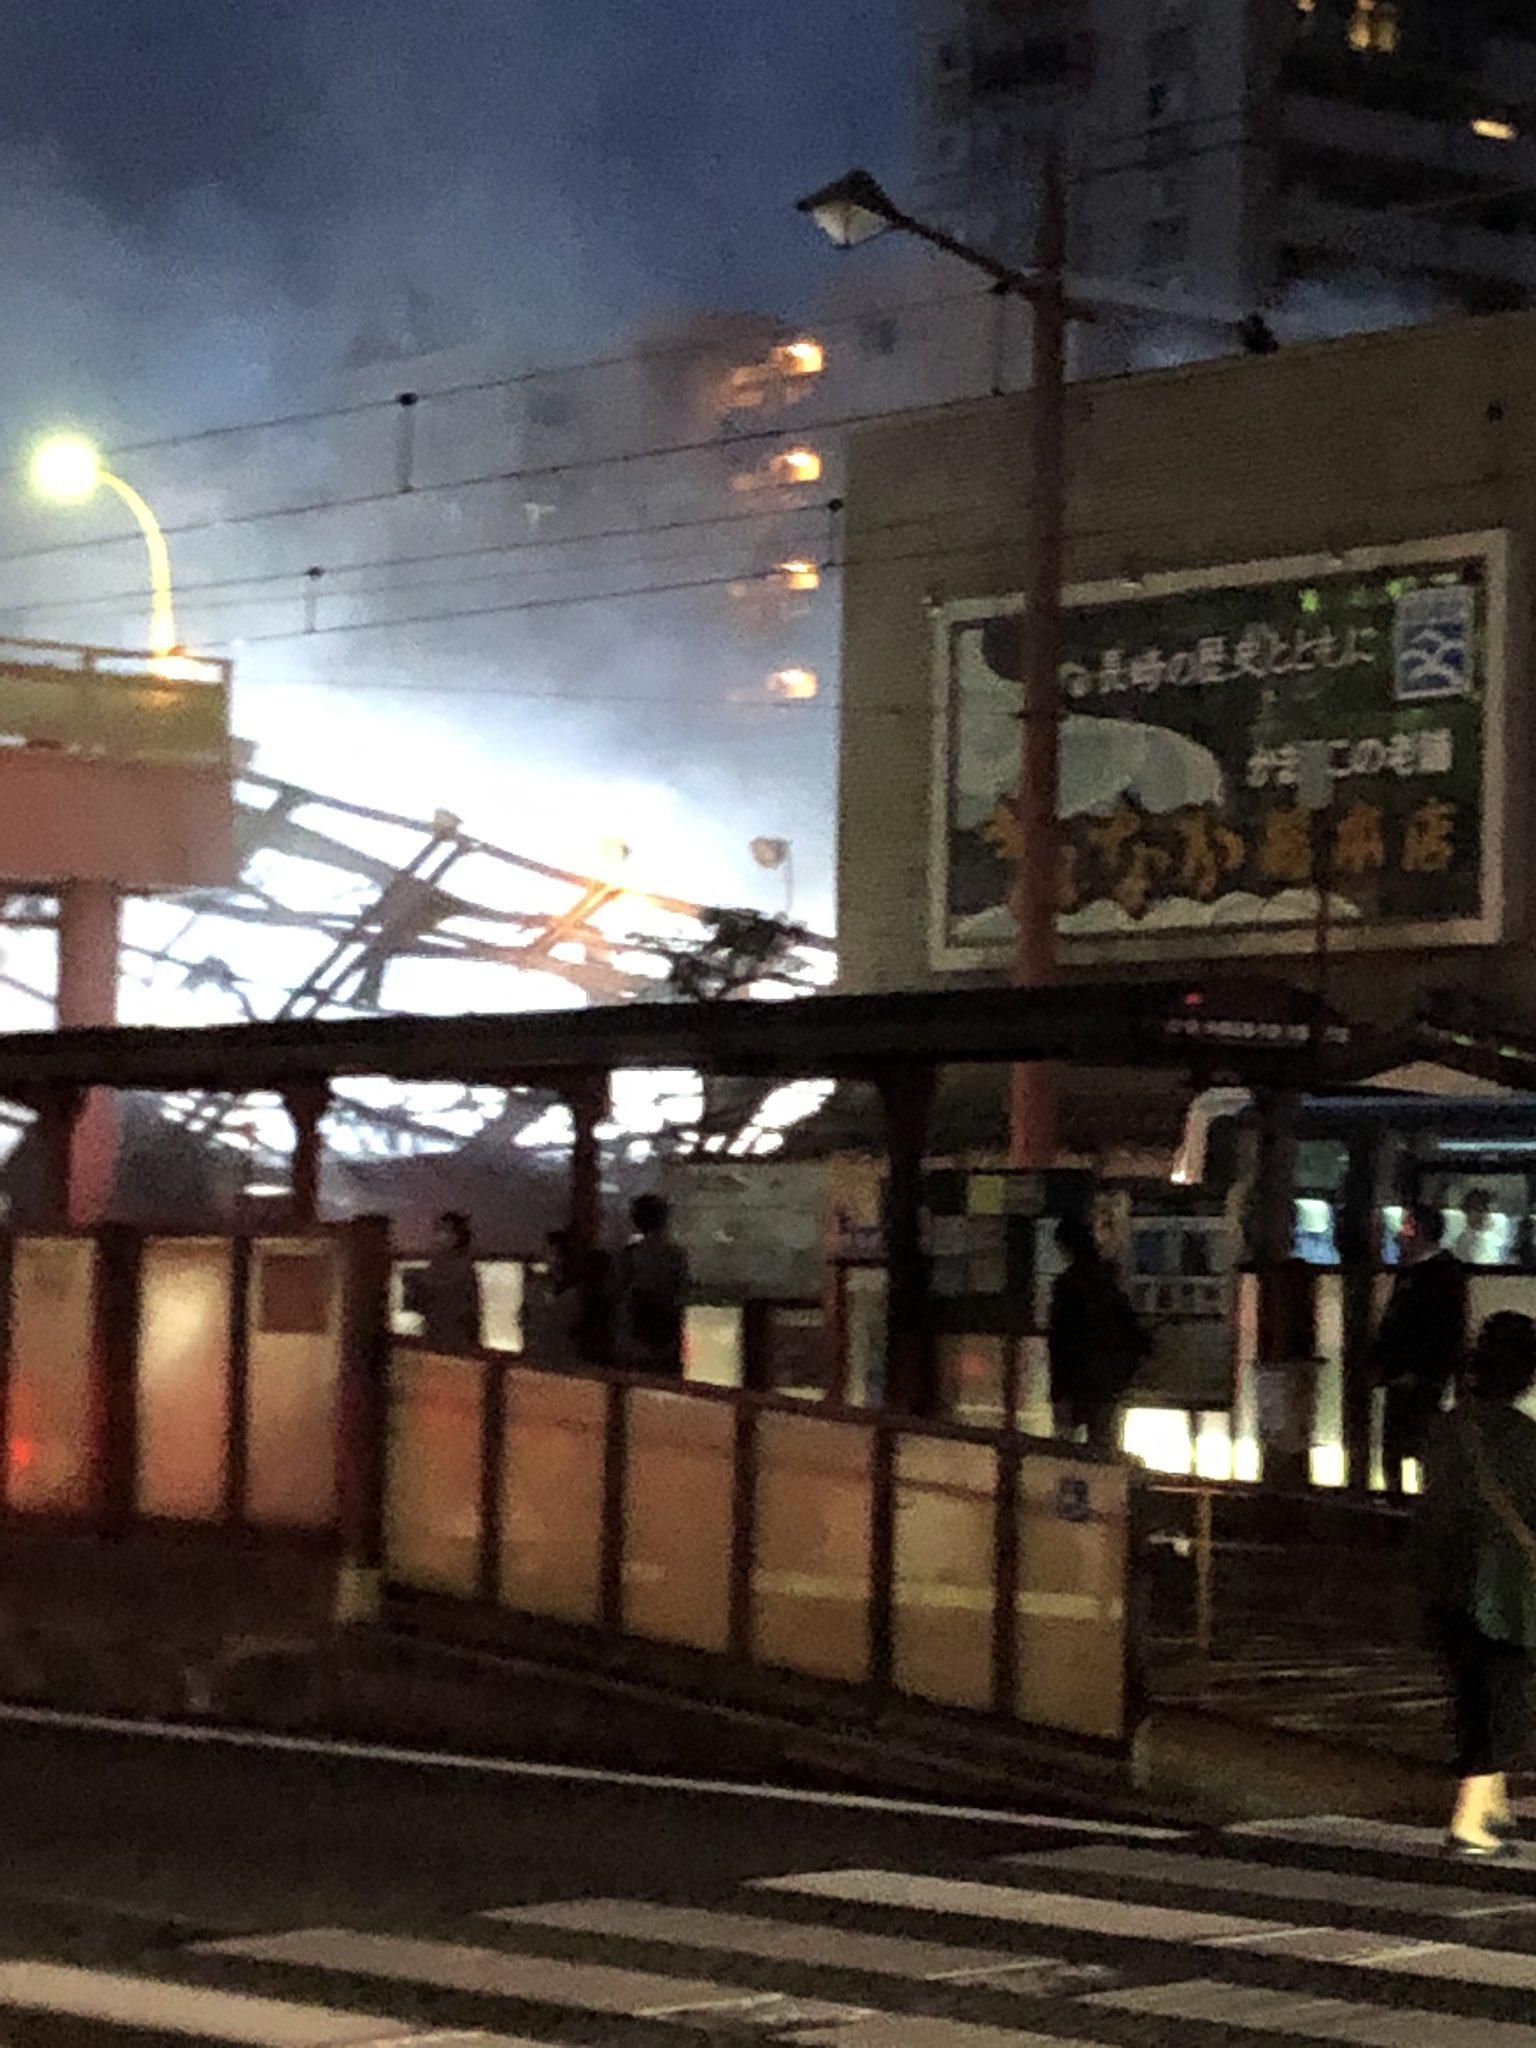 画像,聞いていた以上の火事で、ウチの前まで煙臭い。昼に発生して、まだ消火中とか、なかなかの案件#長崎市火事 https://t.co/j15io7peJH…